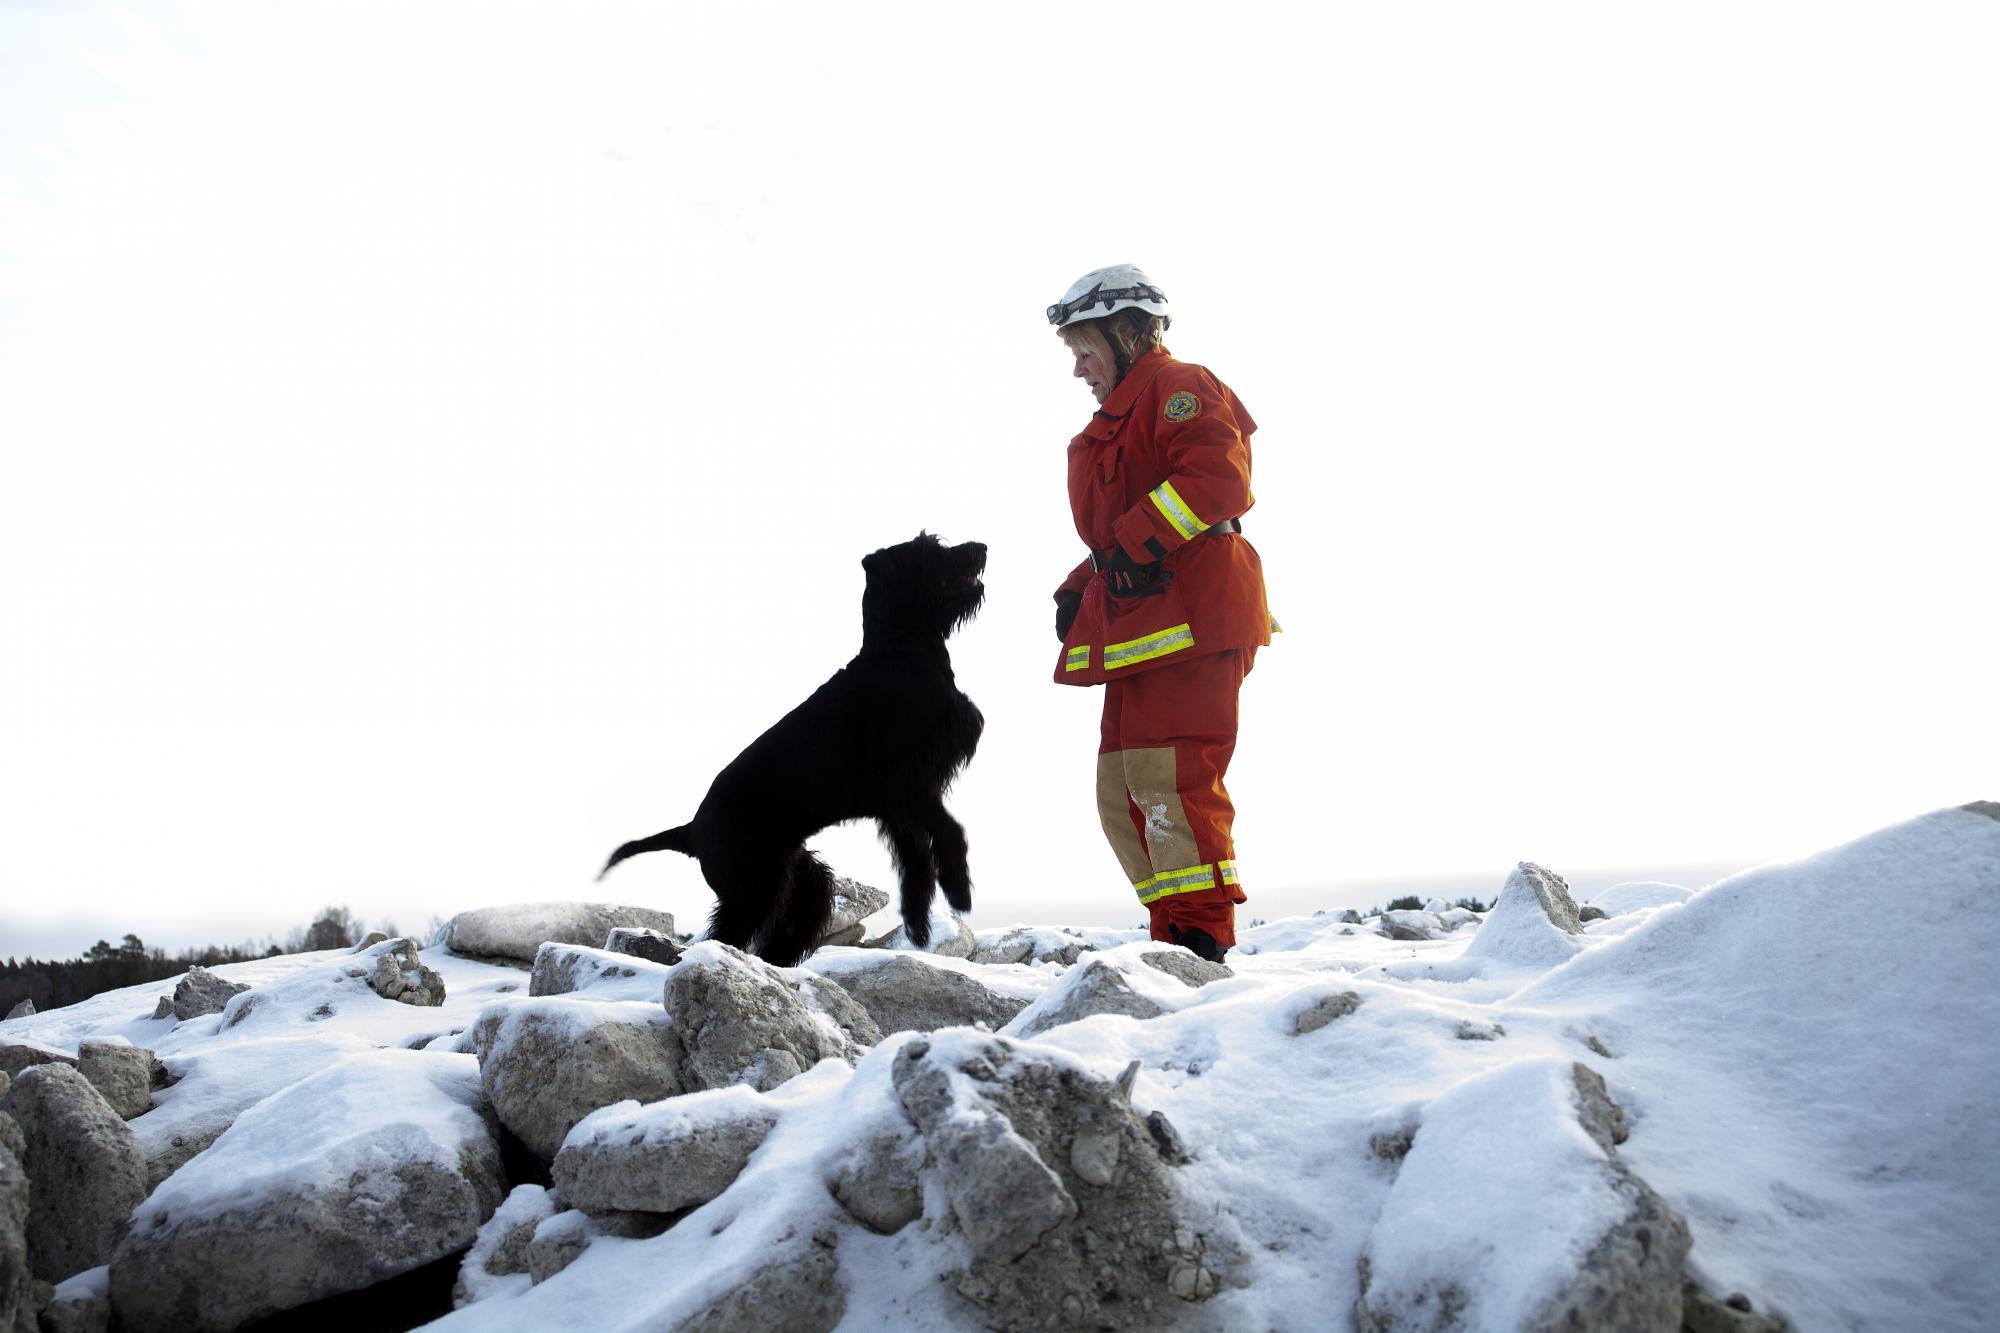 Mia tycker att hon som räddningsförare kommer väldigt nära sin arbetskamrat.